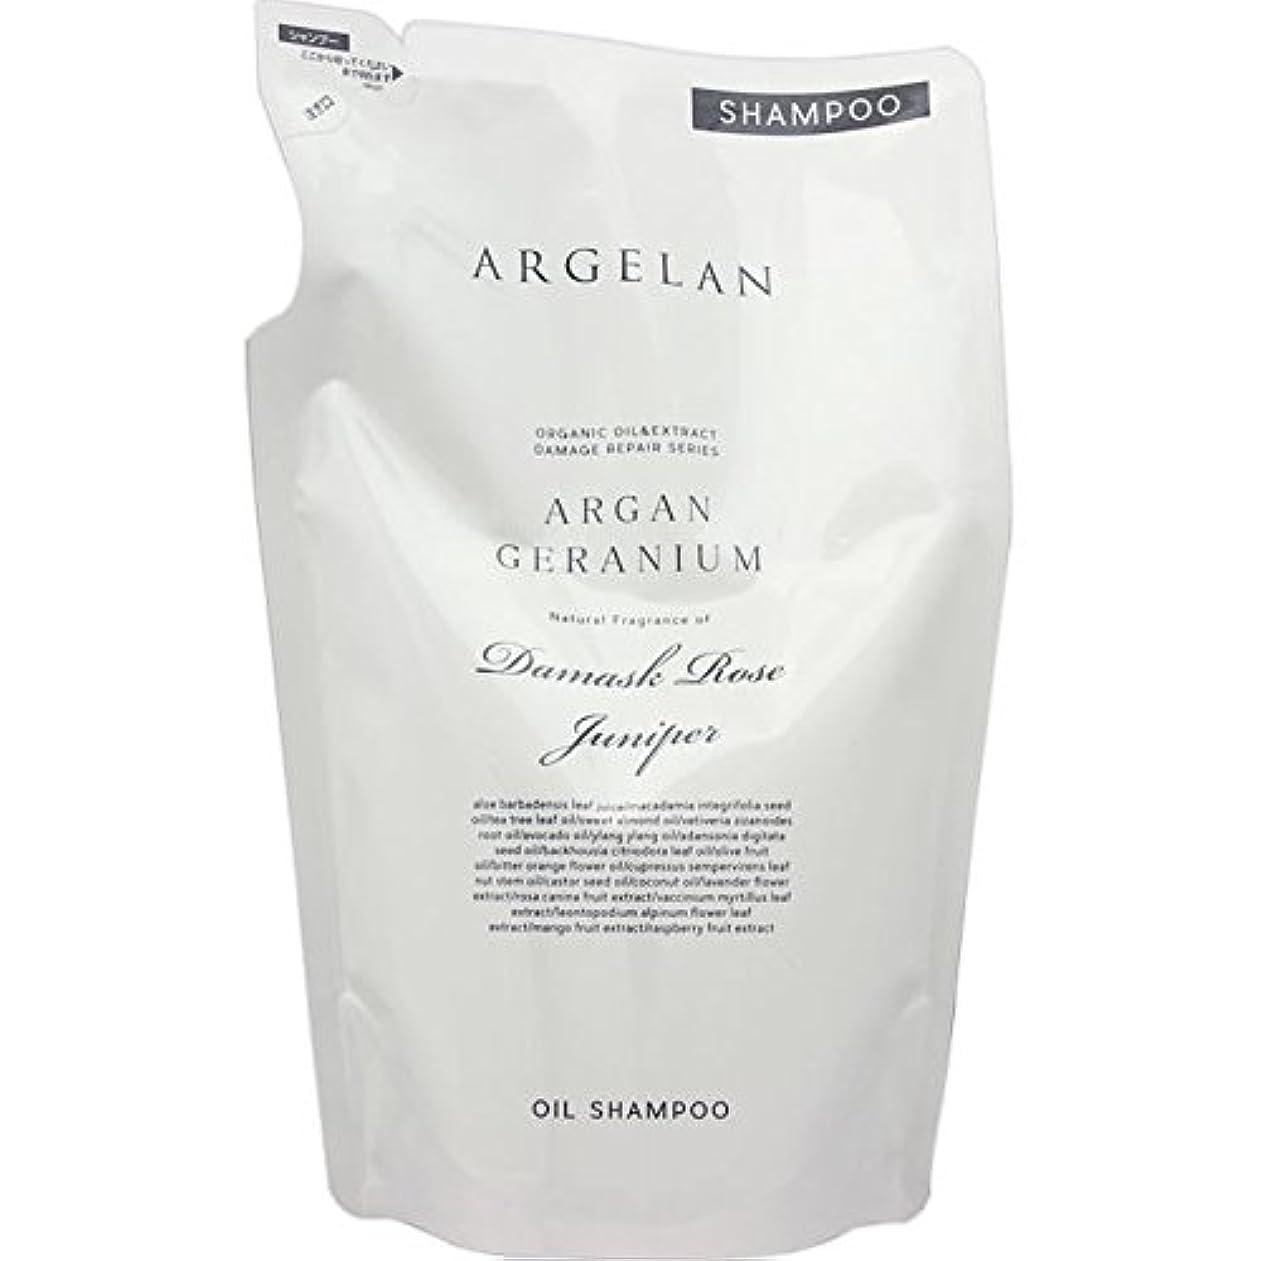 クリスマス以来がっかりするアルジェラン オーガニック 手搾りアルガン オイル シャンプー 詰替え用 400ml詰替